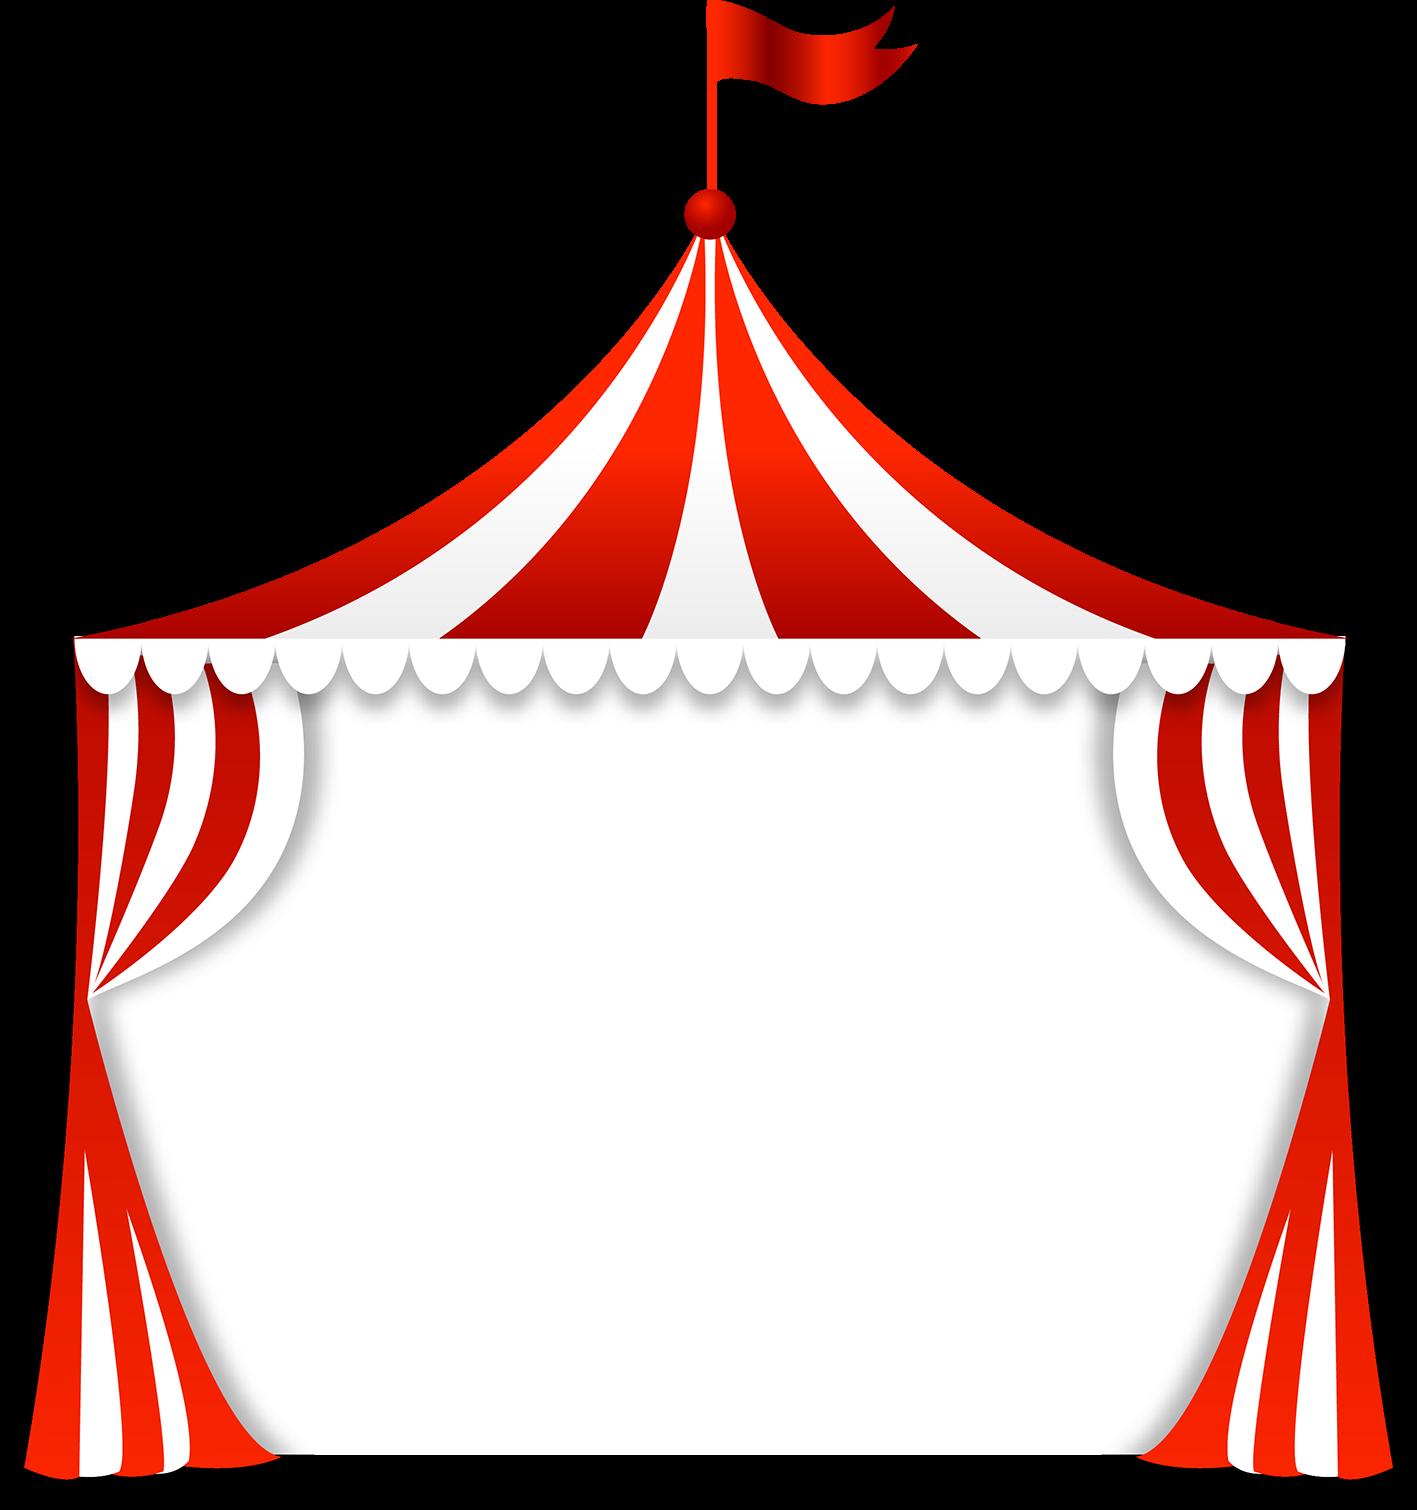 Molduras em png tema circo - Cantinho do blog